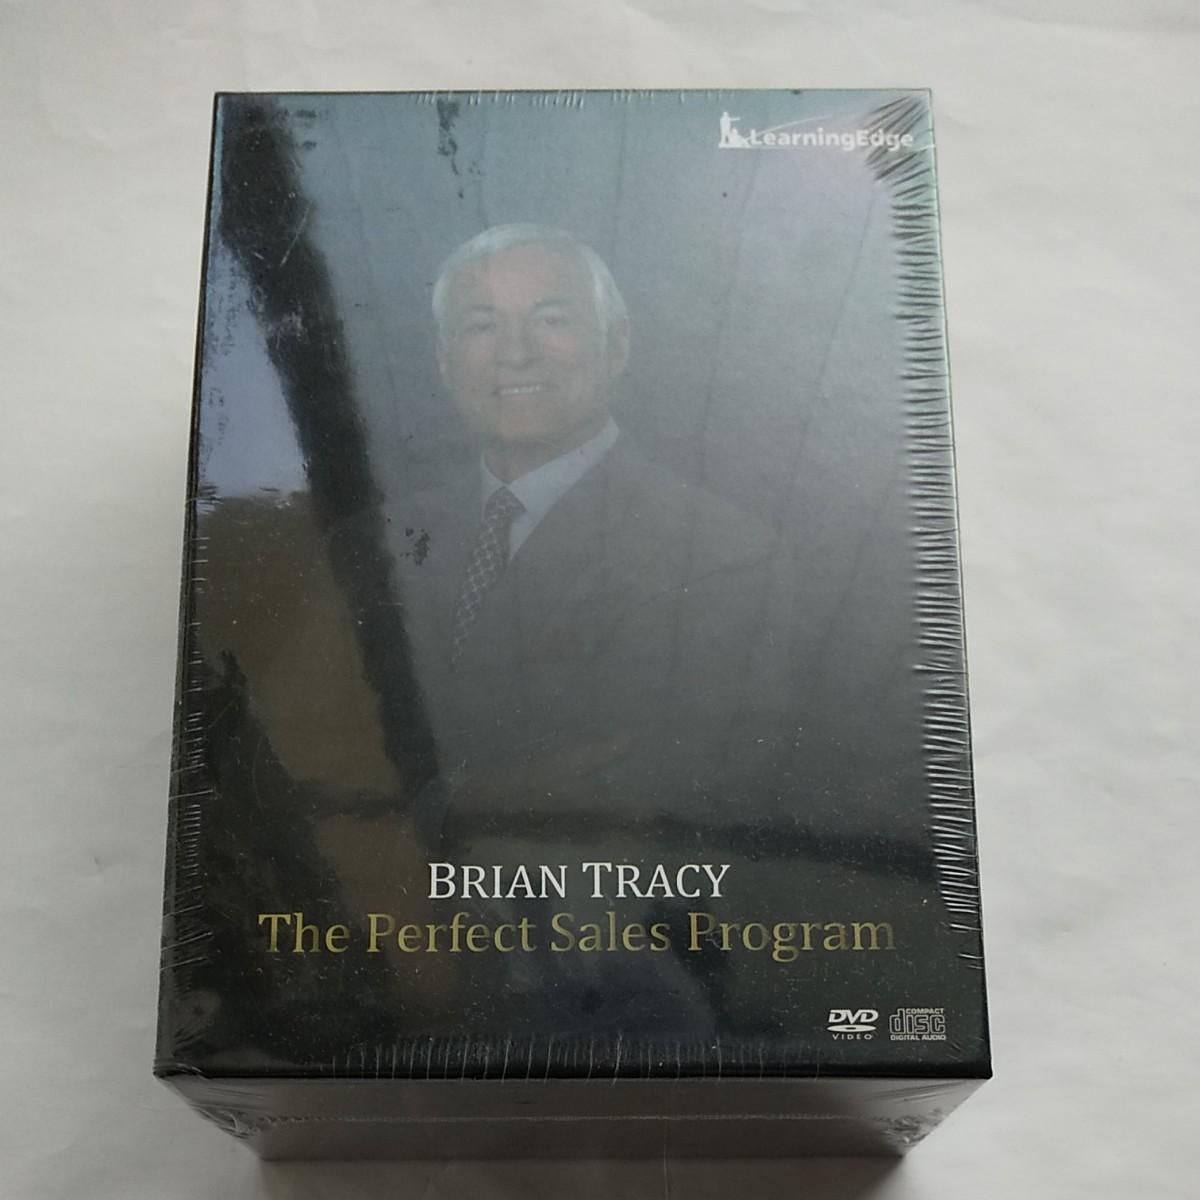 ブライアントレーシー パーフェクトセールスプログラム CD、DVD全巻セット ブライアン・トレーシー 自己啓発 トップセールス